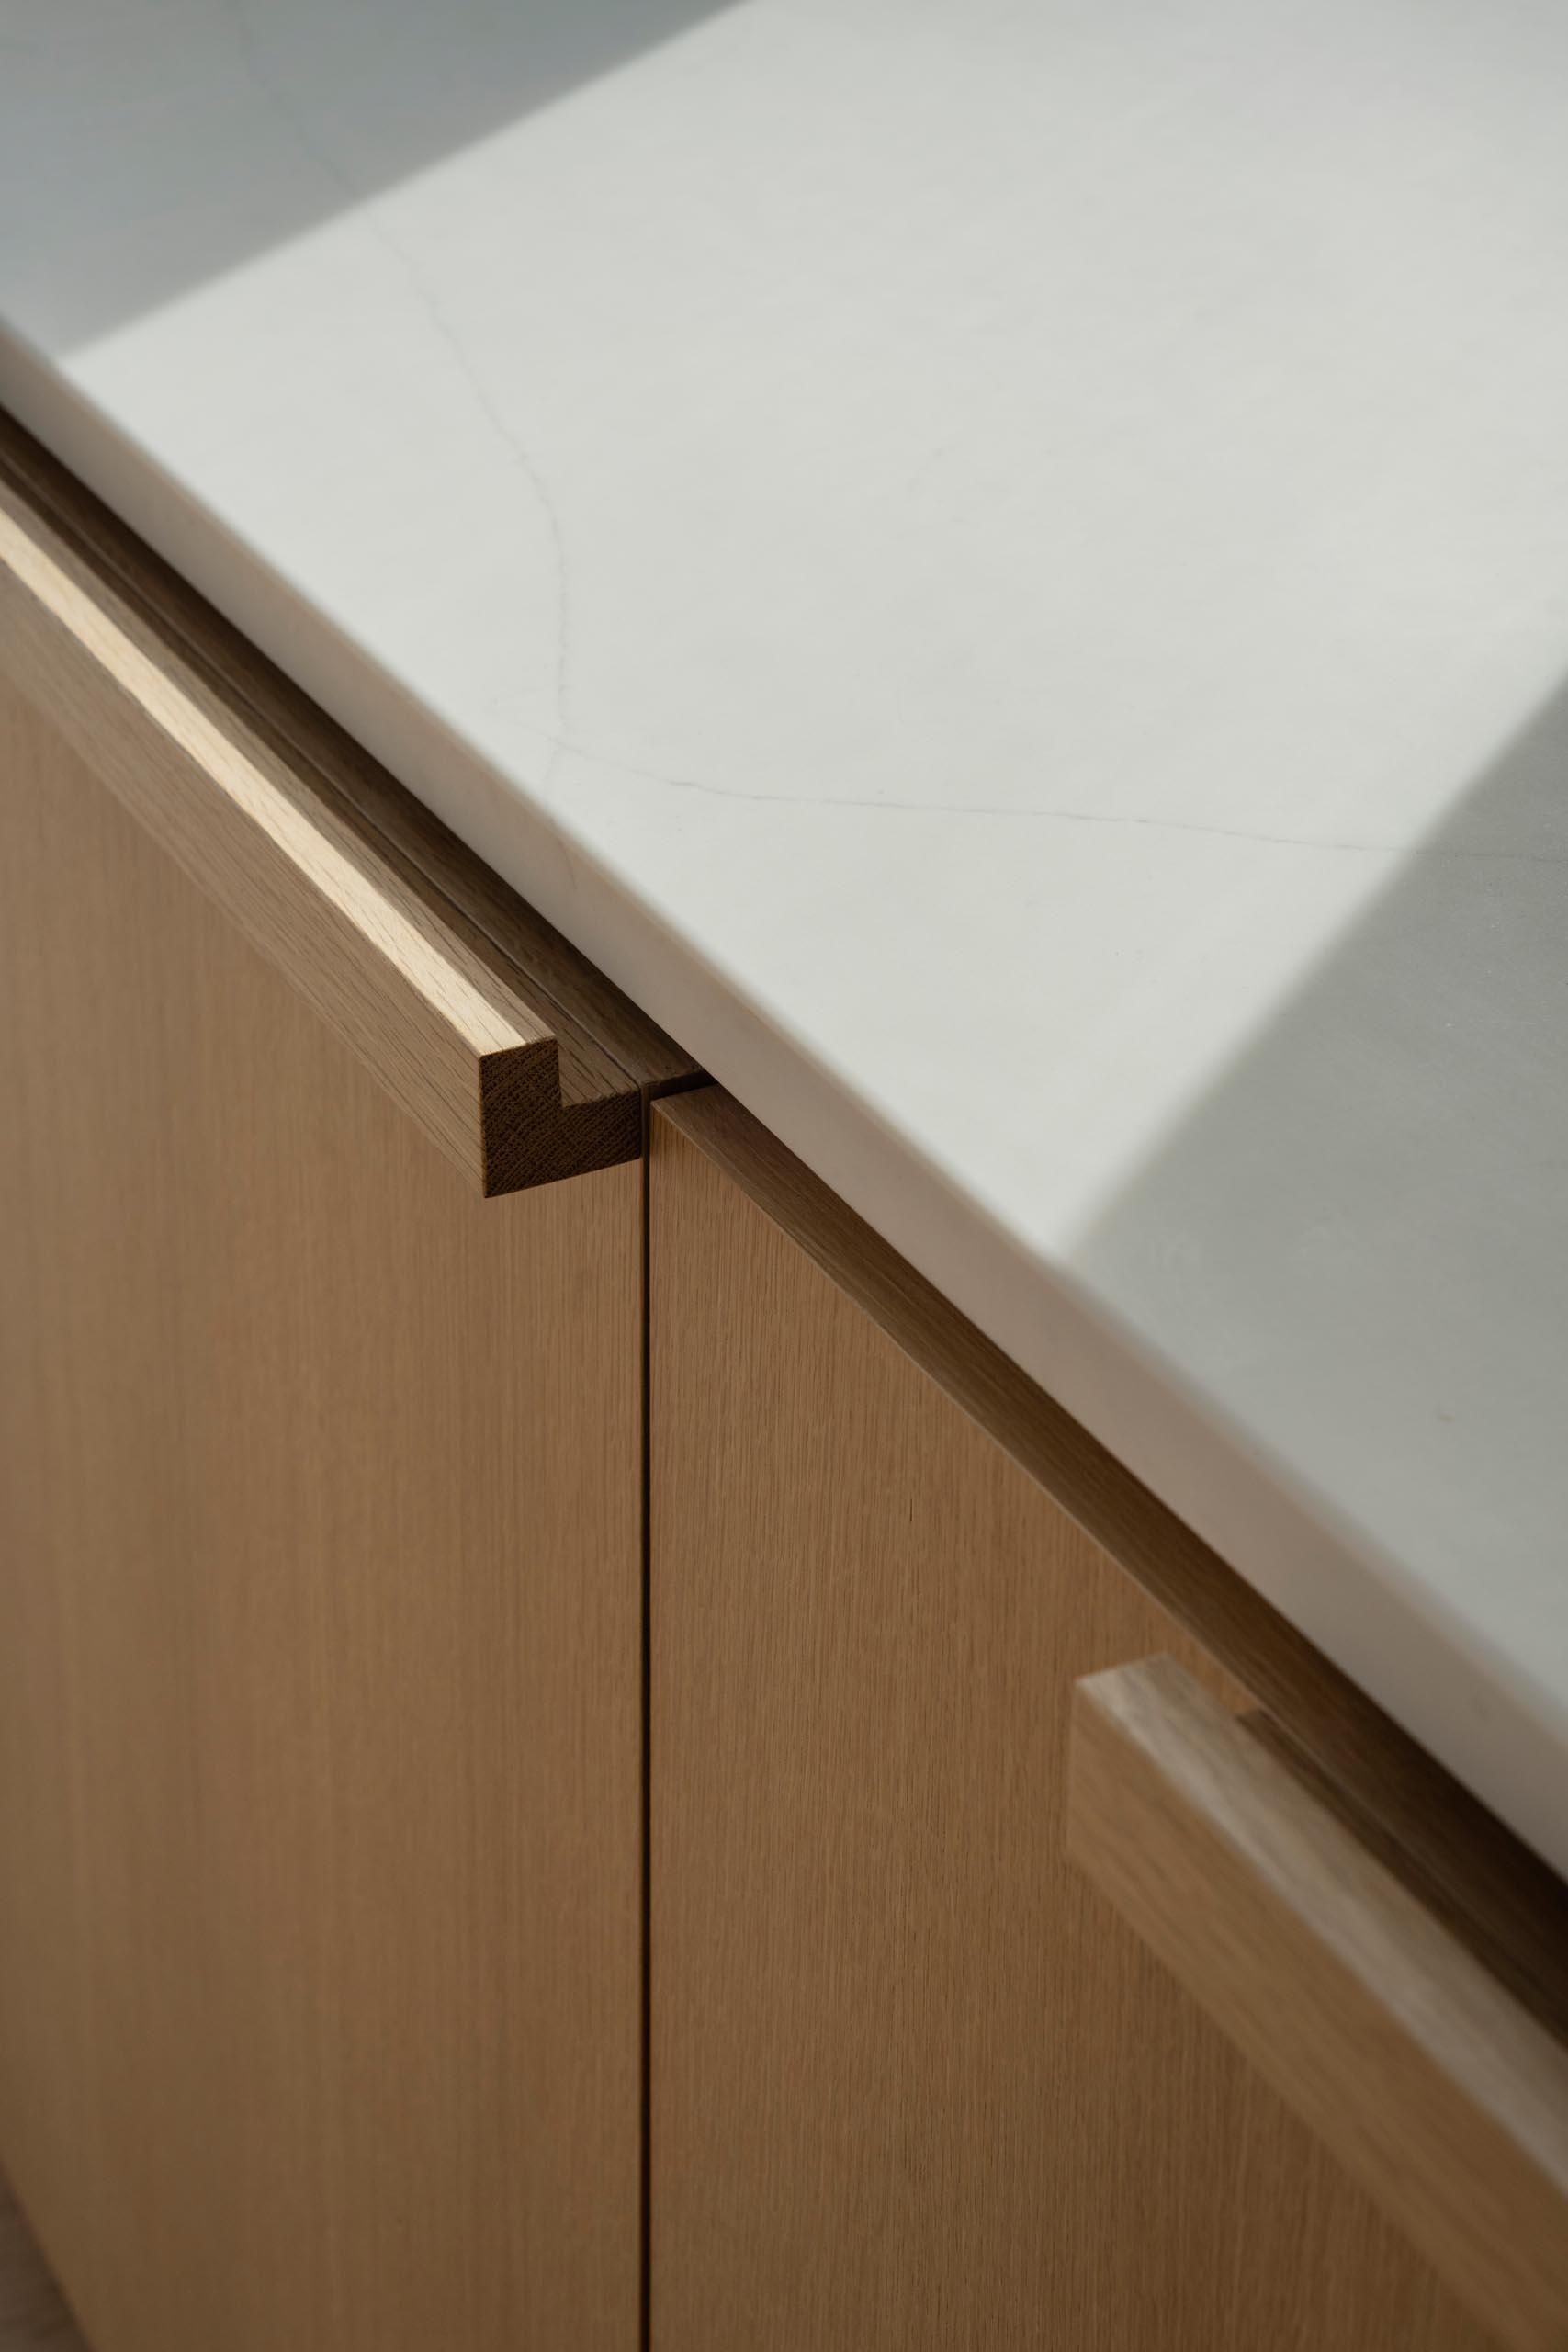 White rift oak kitchen cabinets and quartz countertops.